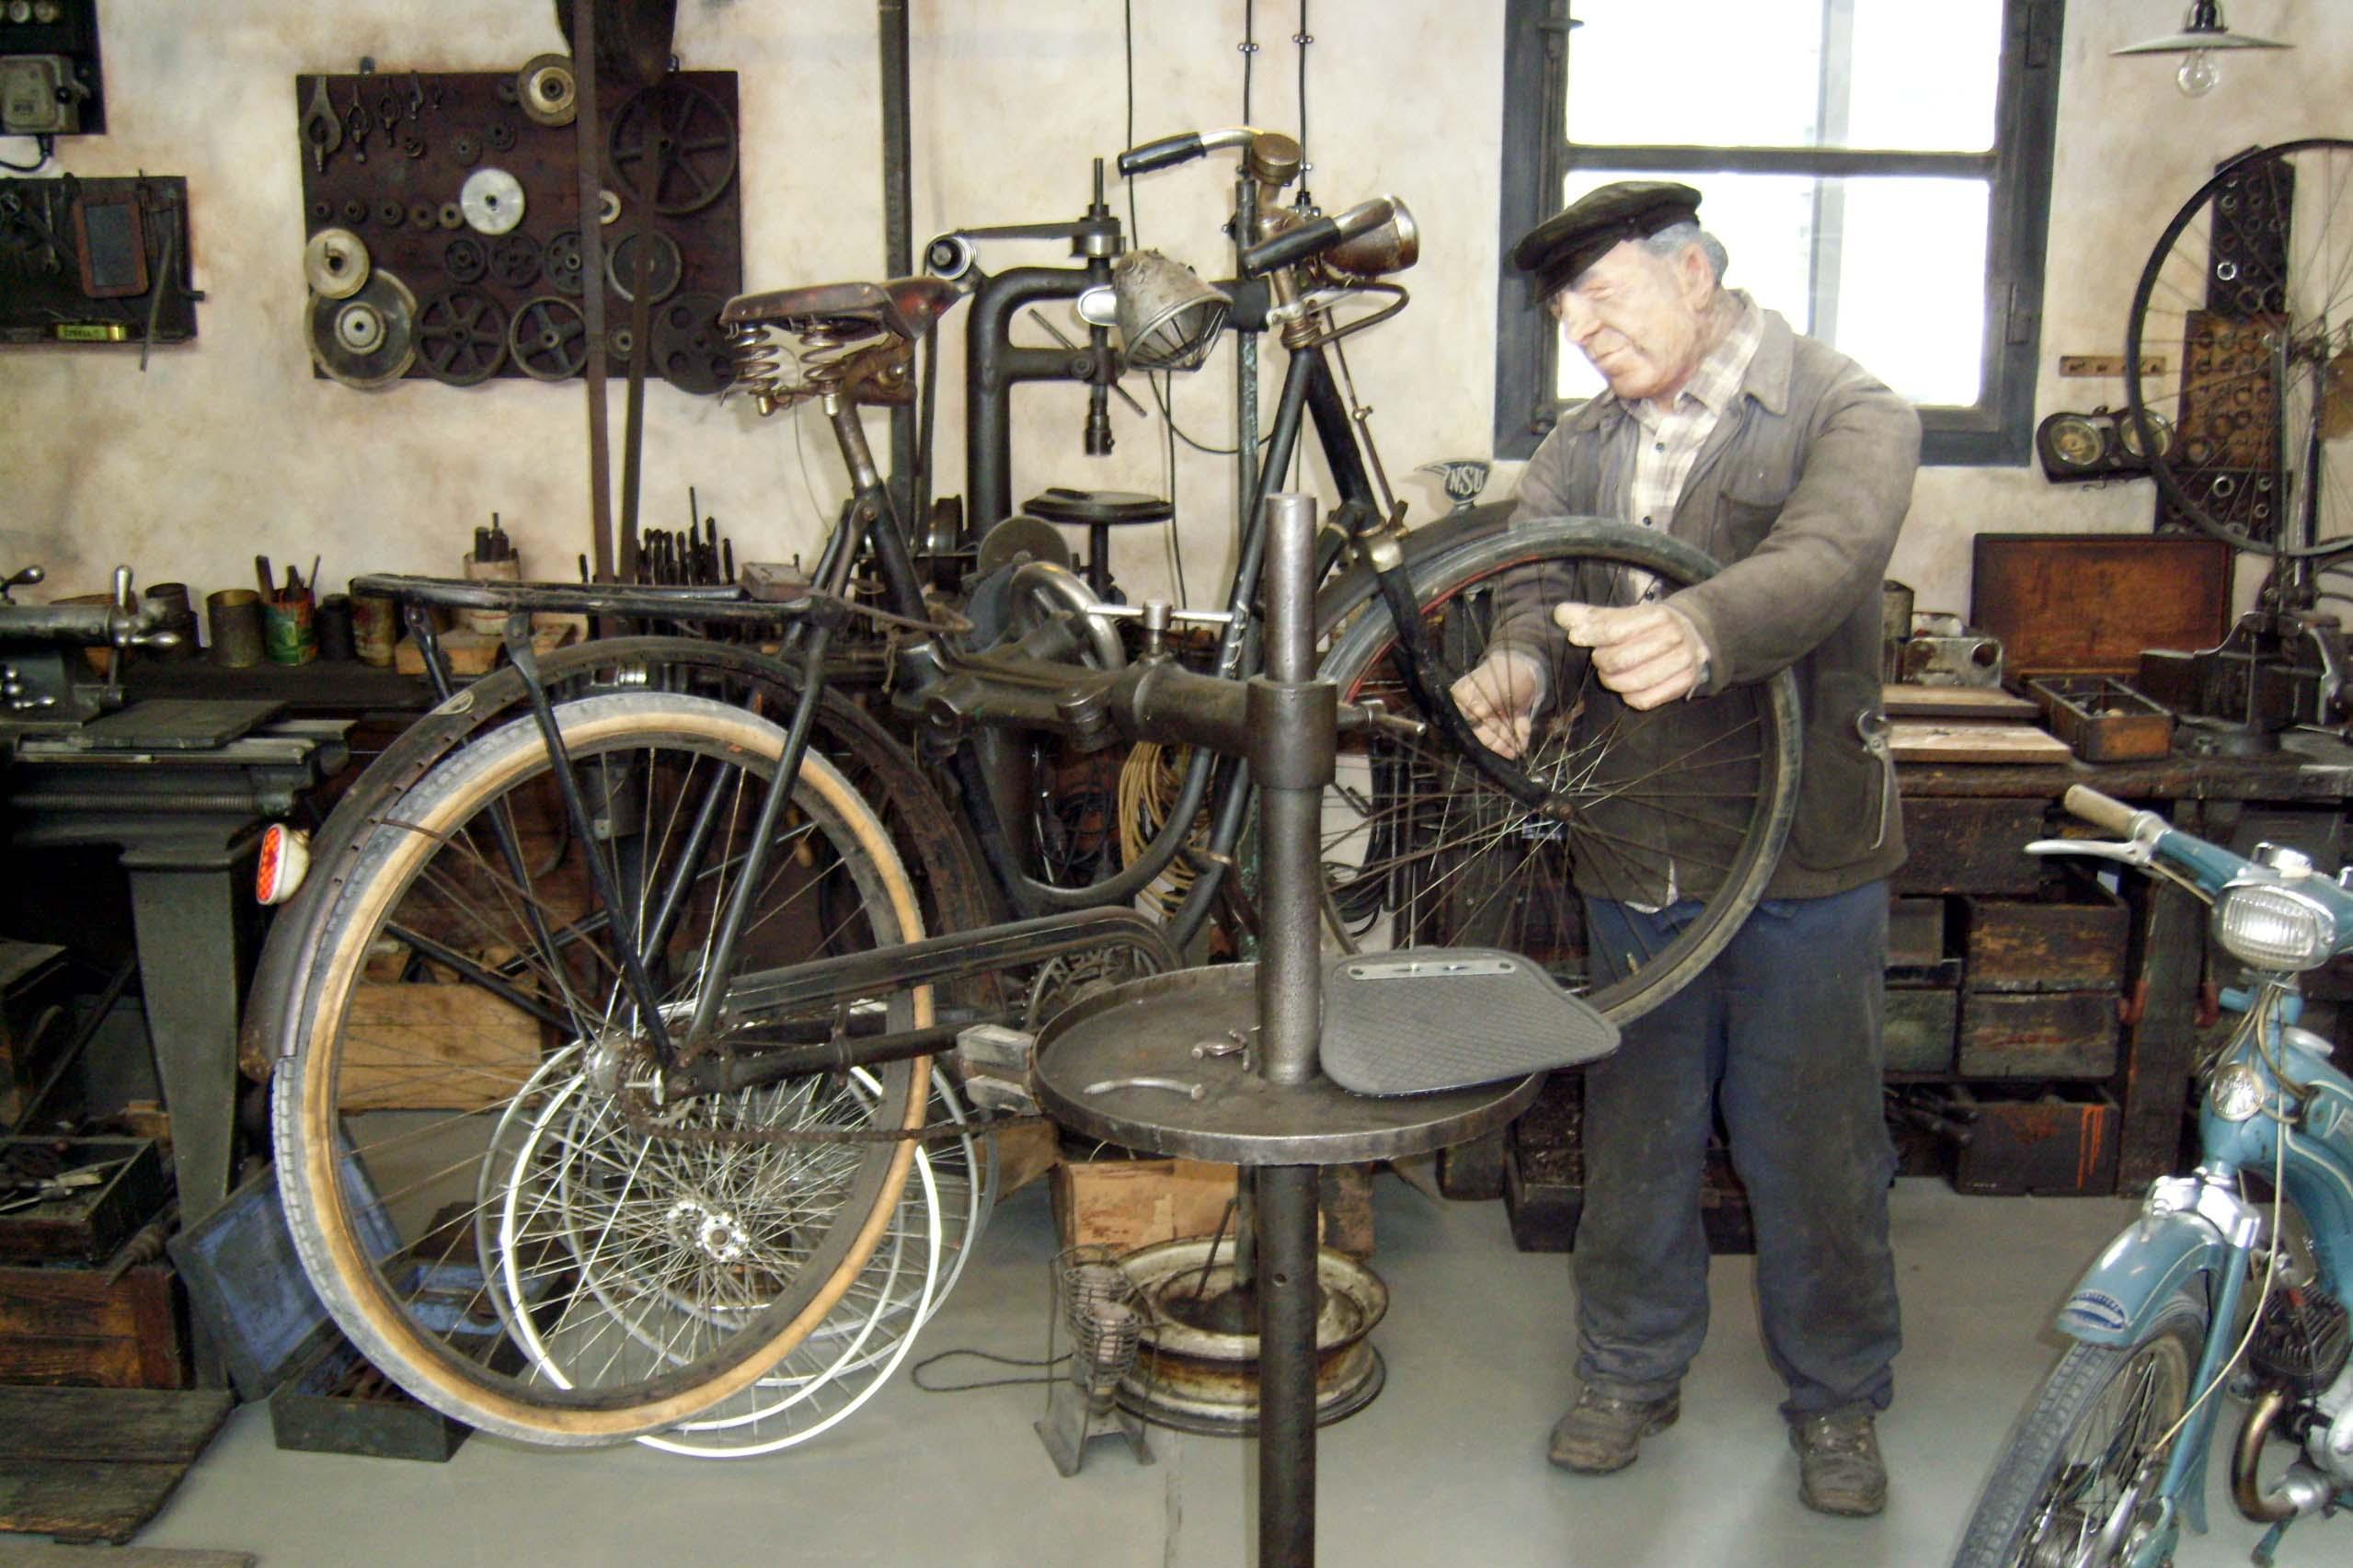 In dieser nostalgischen Zweiradwerkstatt werden gerade die Speichen eines Fahrrades kontrolliert